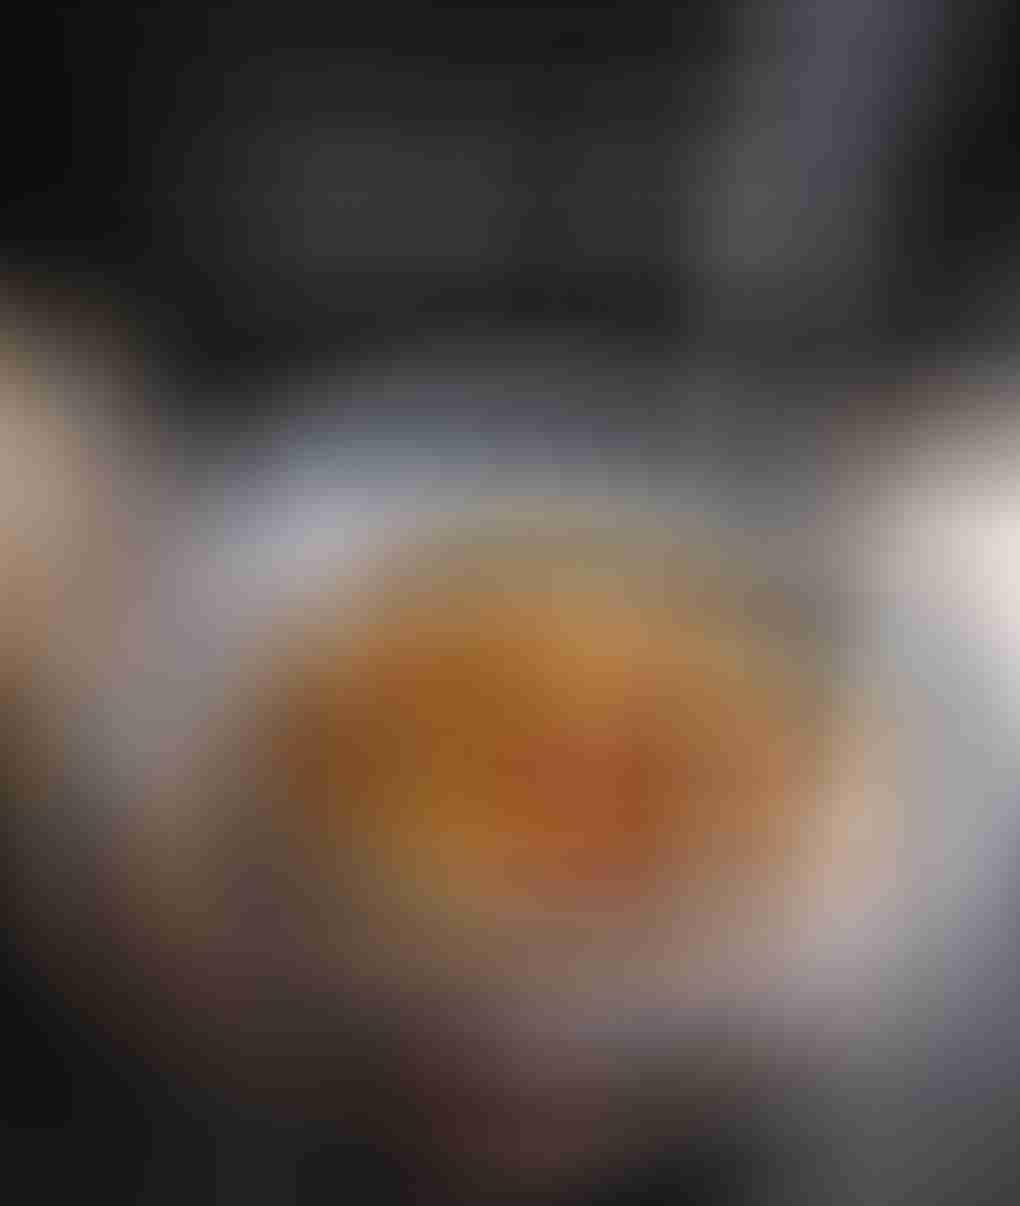 椒麻口味綜合組(椒麻原味x1, 椒麻辣椒麵x1,椒麻波浪寬麵x2) - 18